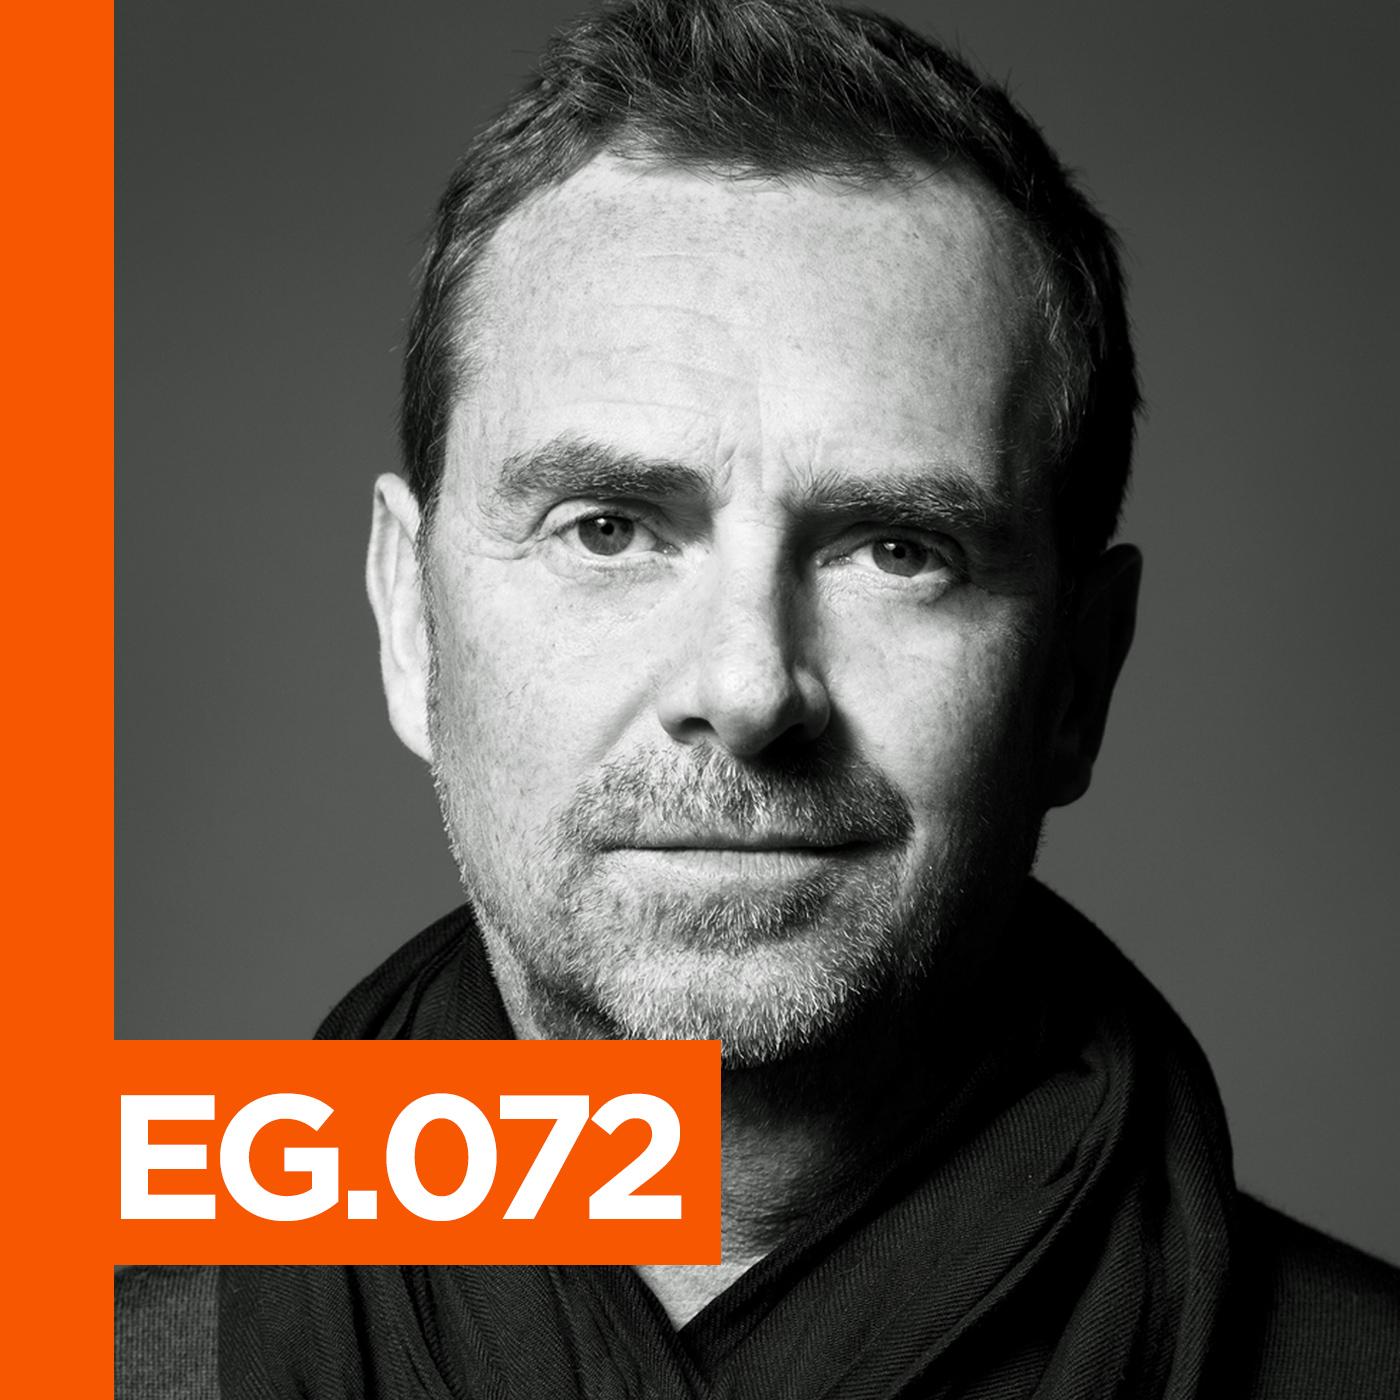 EG.072 Nick Warren